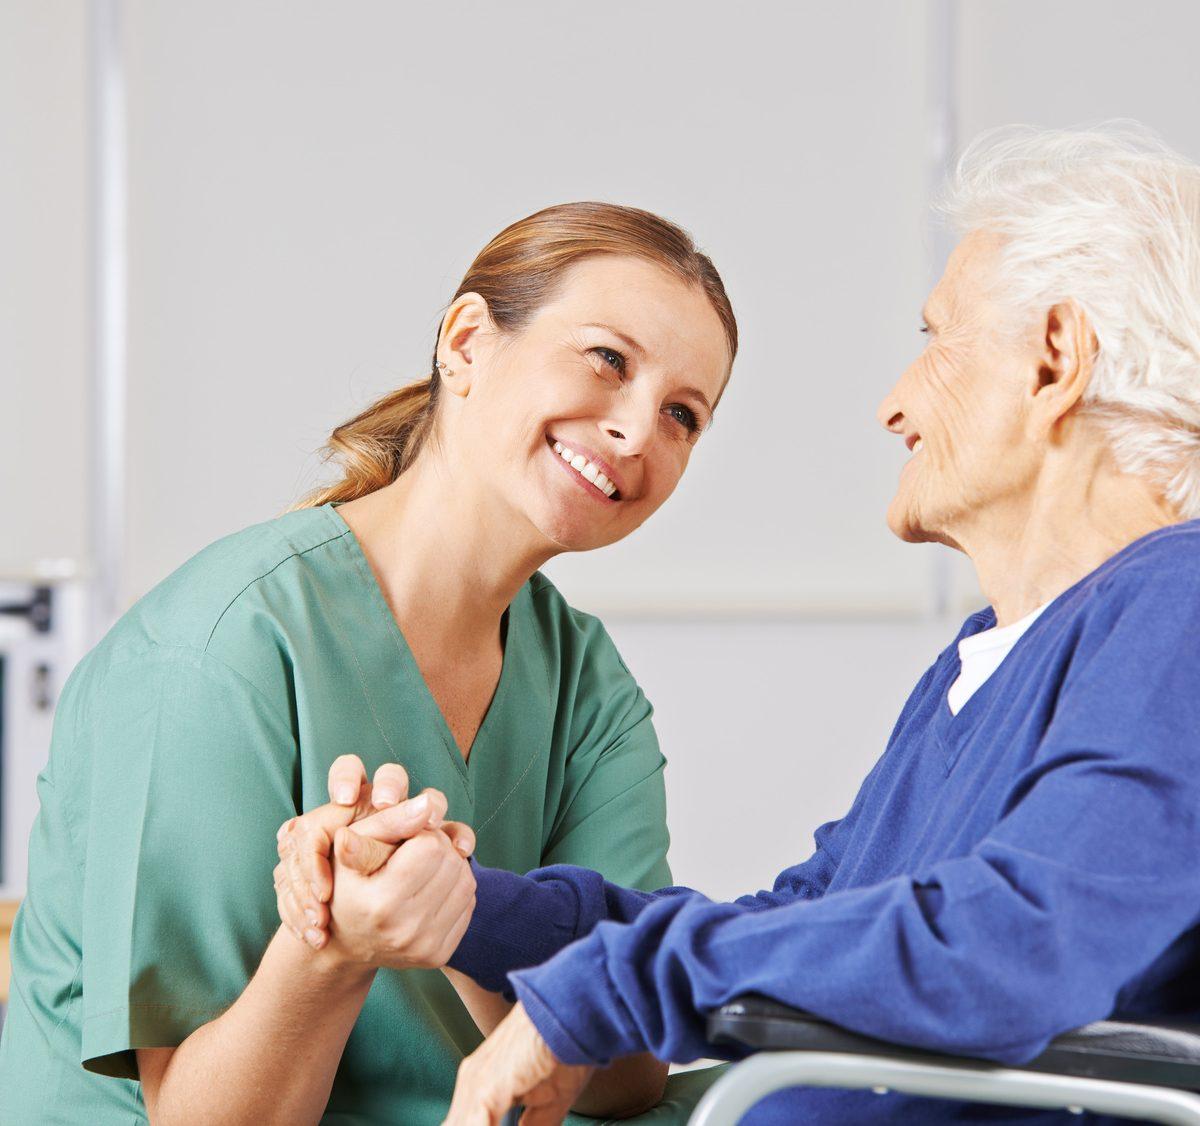 Lächelnde Krankenschwester bei der Altenpflege hält die Hand einer Seniorin